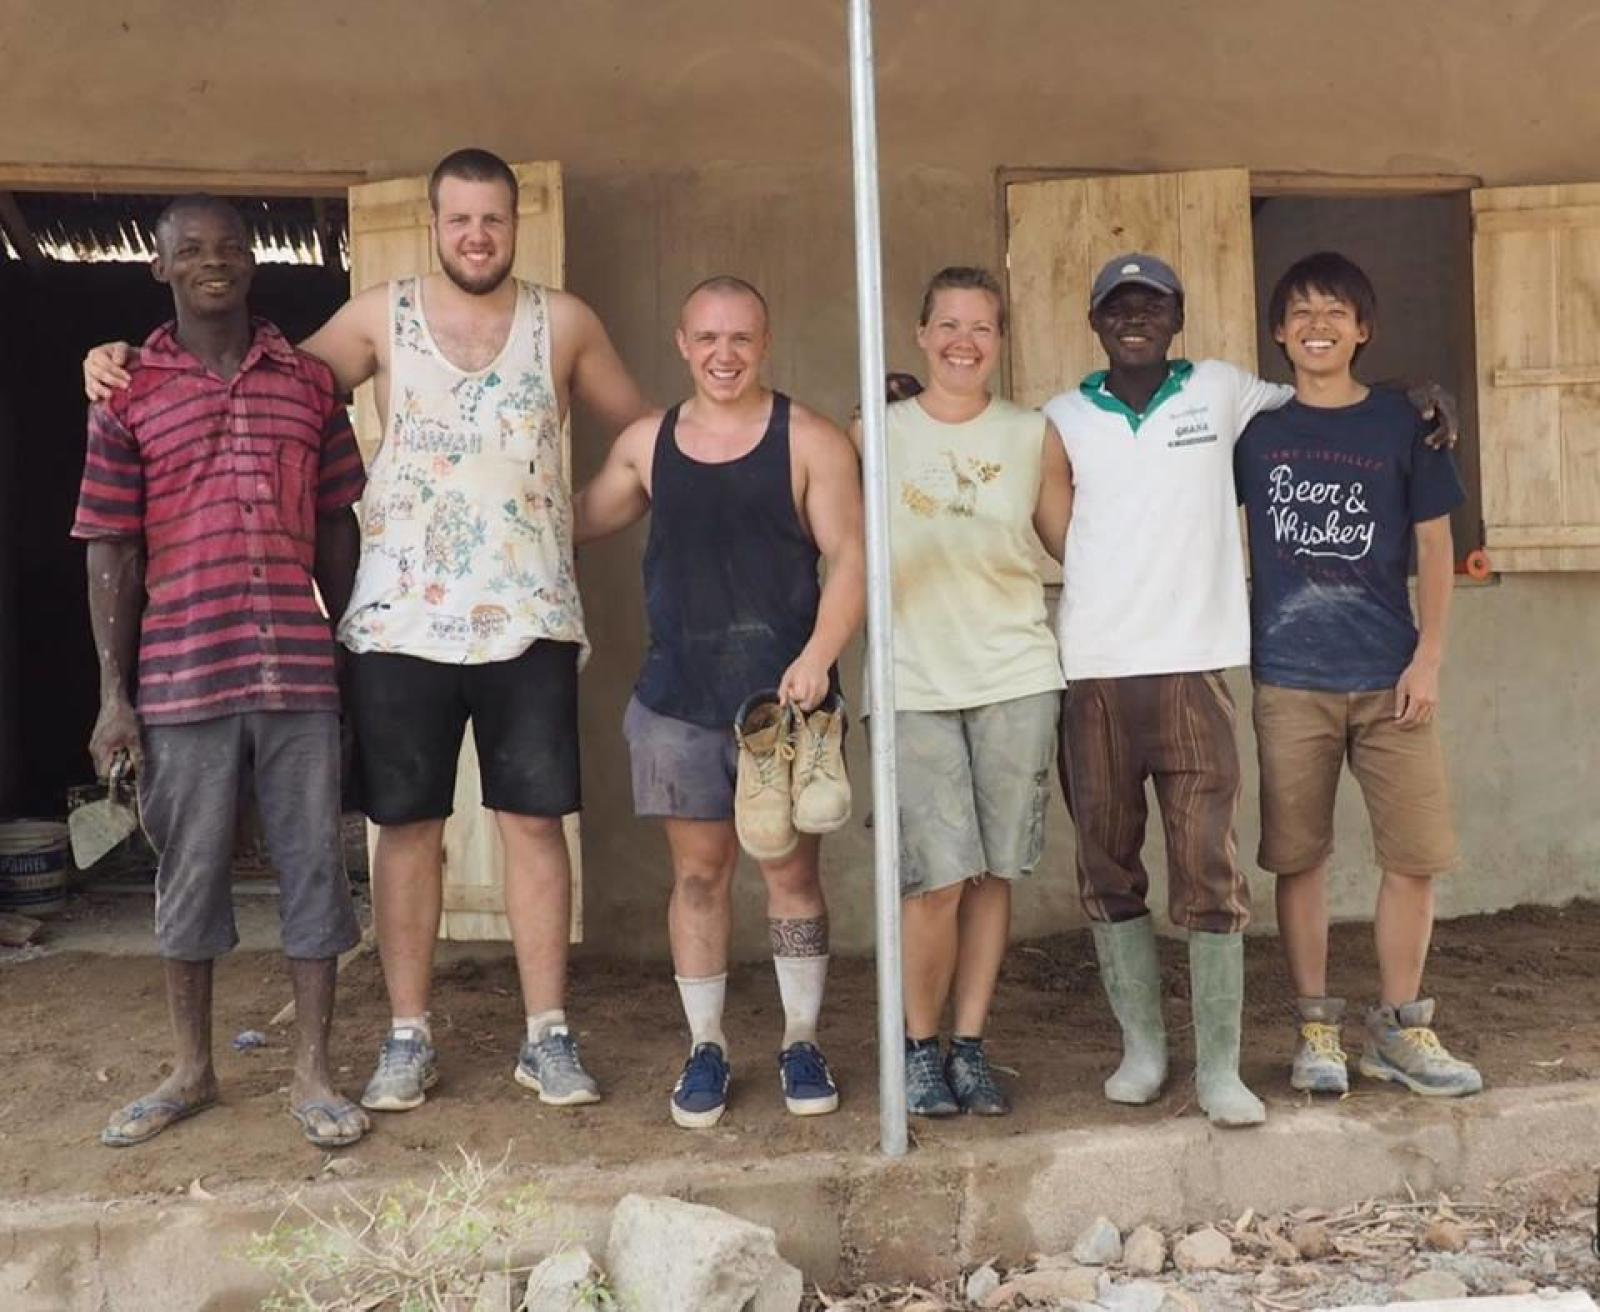 日本人大学生ボランティアとガーナで出会った仲間たち